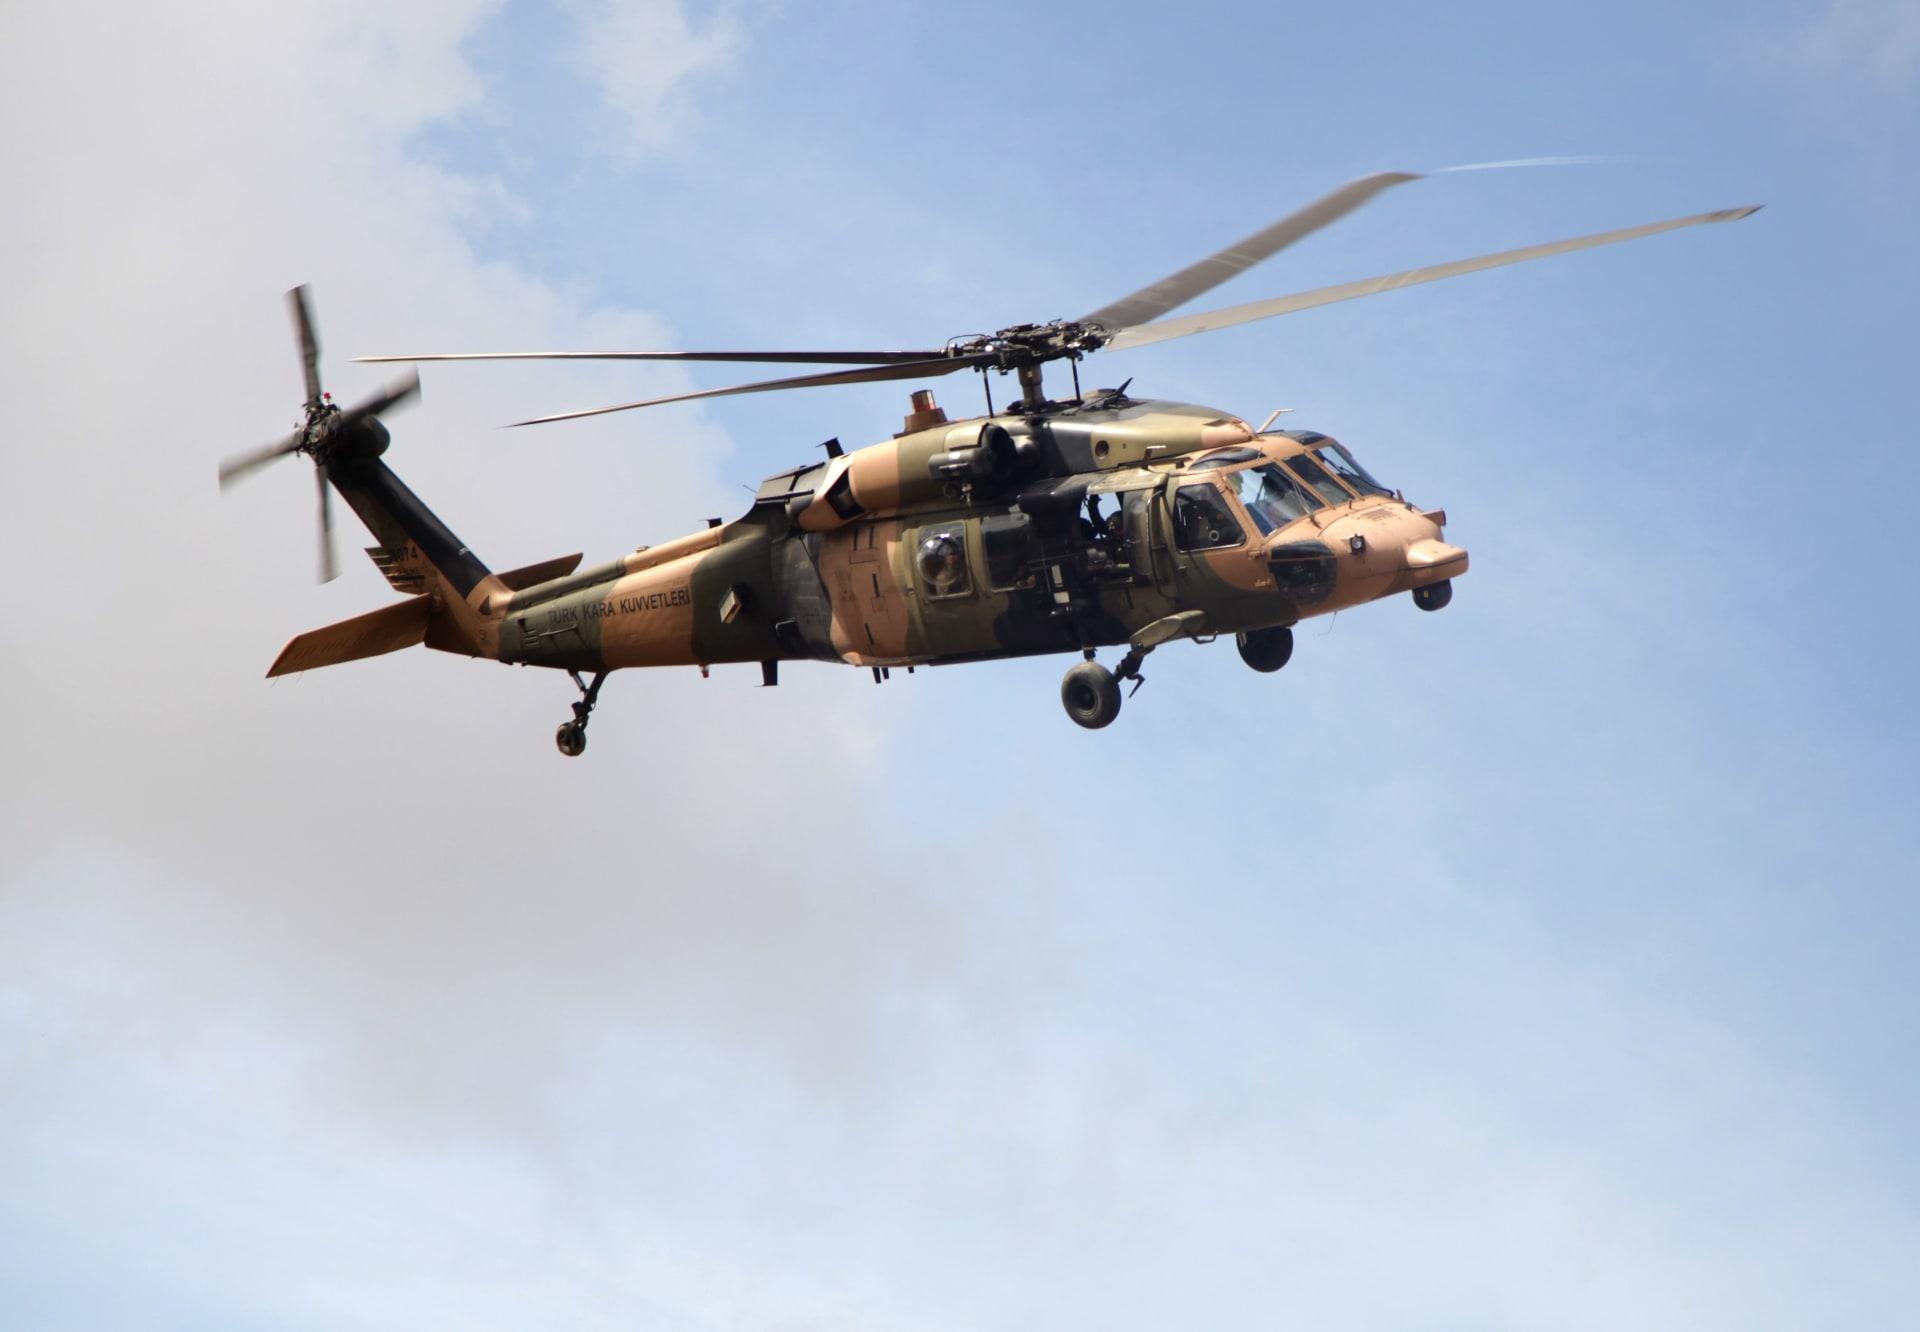 الأناضول: سقوط مروحية عسكرية تركية أثناء هبوطها اضطراريا